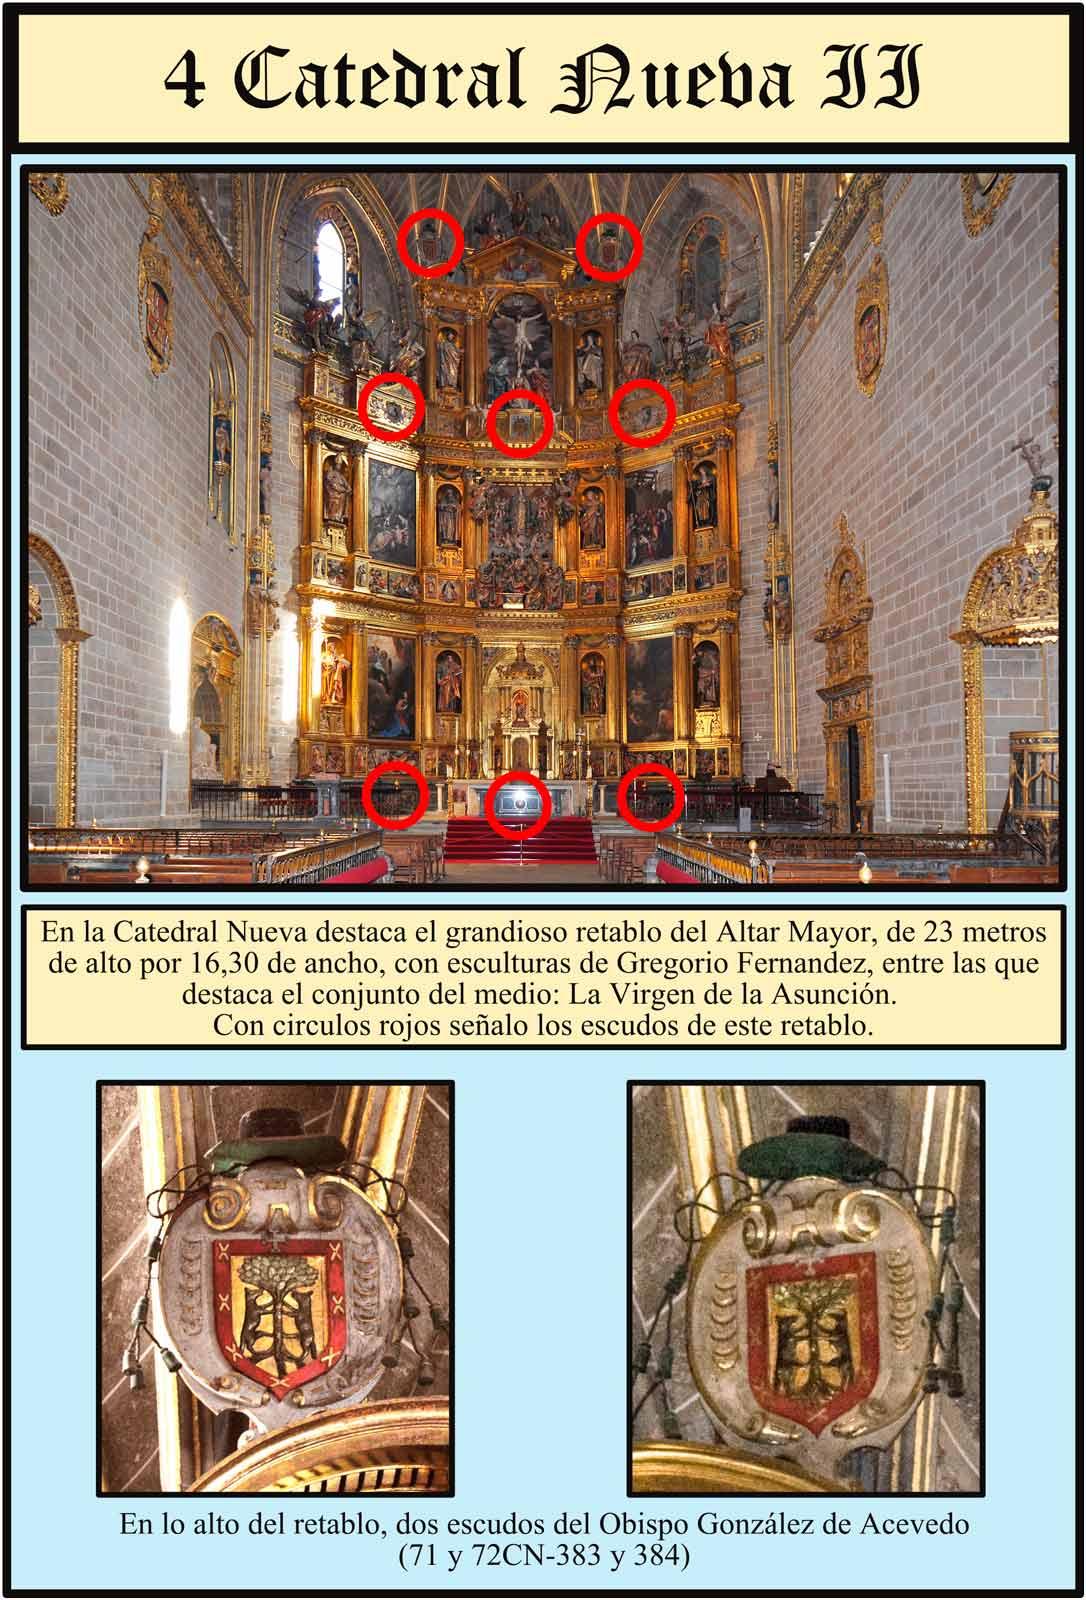 Plasencia Catedral Nueva Dorada Retablo Gregorio Fernandez